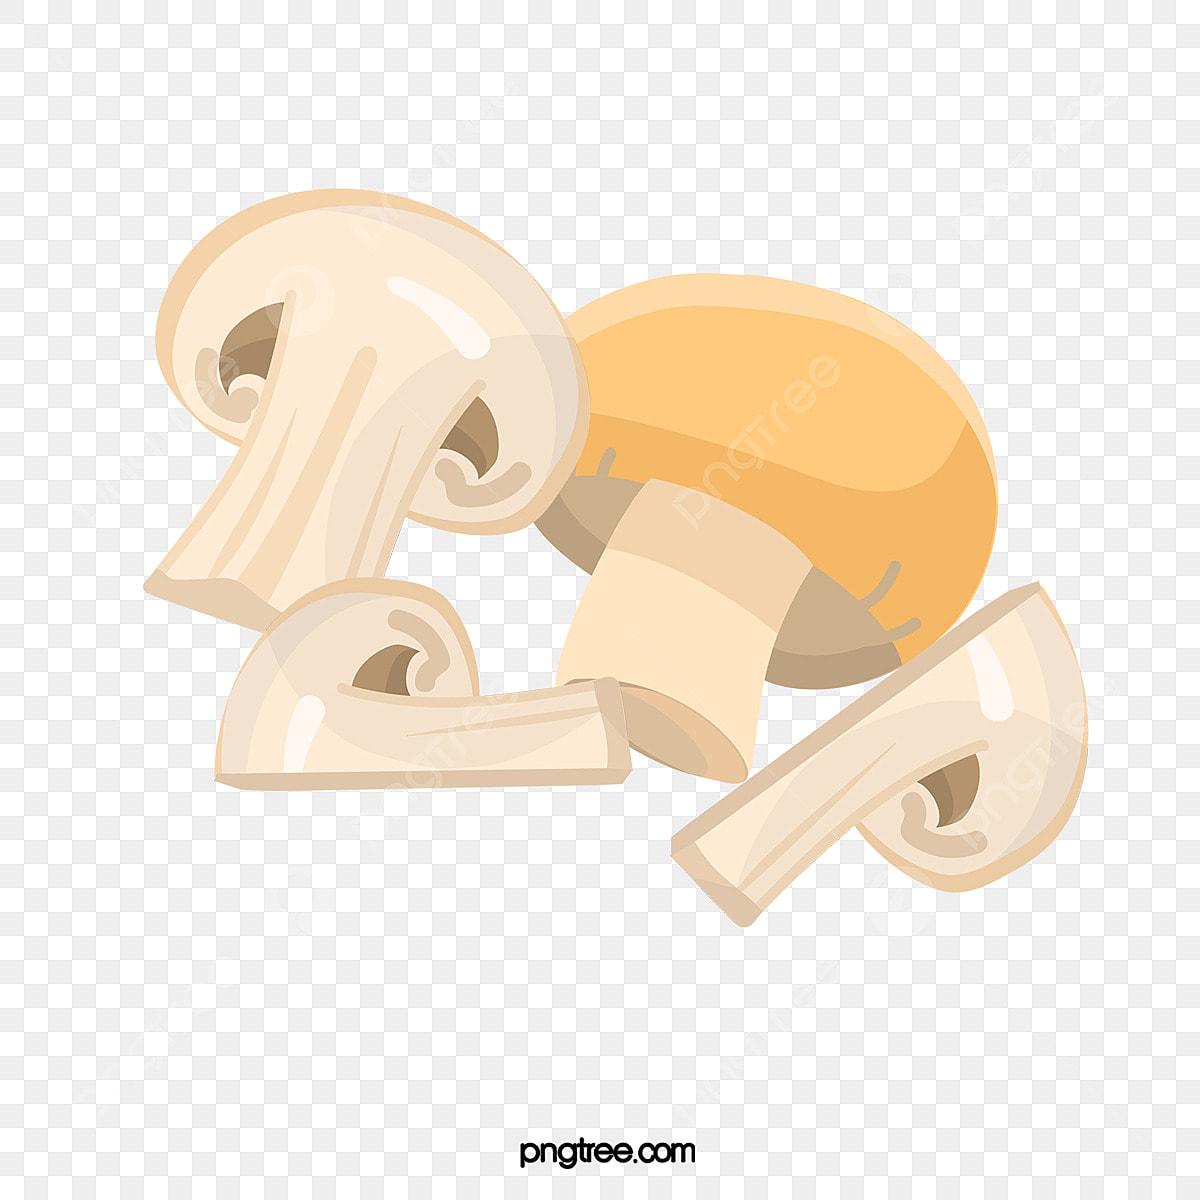 Admirable Sliced Mushrooms Mushrooms Mushroom Product Kind Png Download Free Architecture Designs Estepponolmadebymaigaardcom